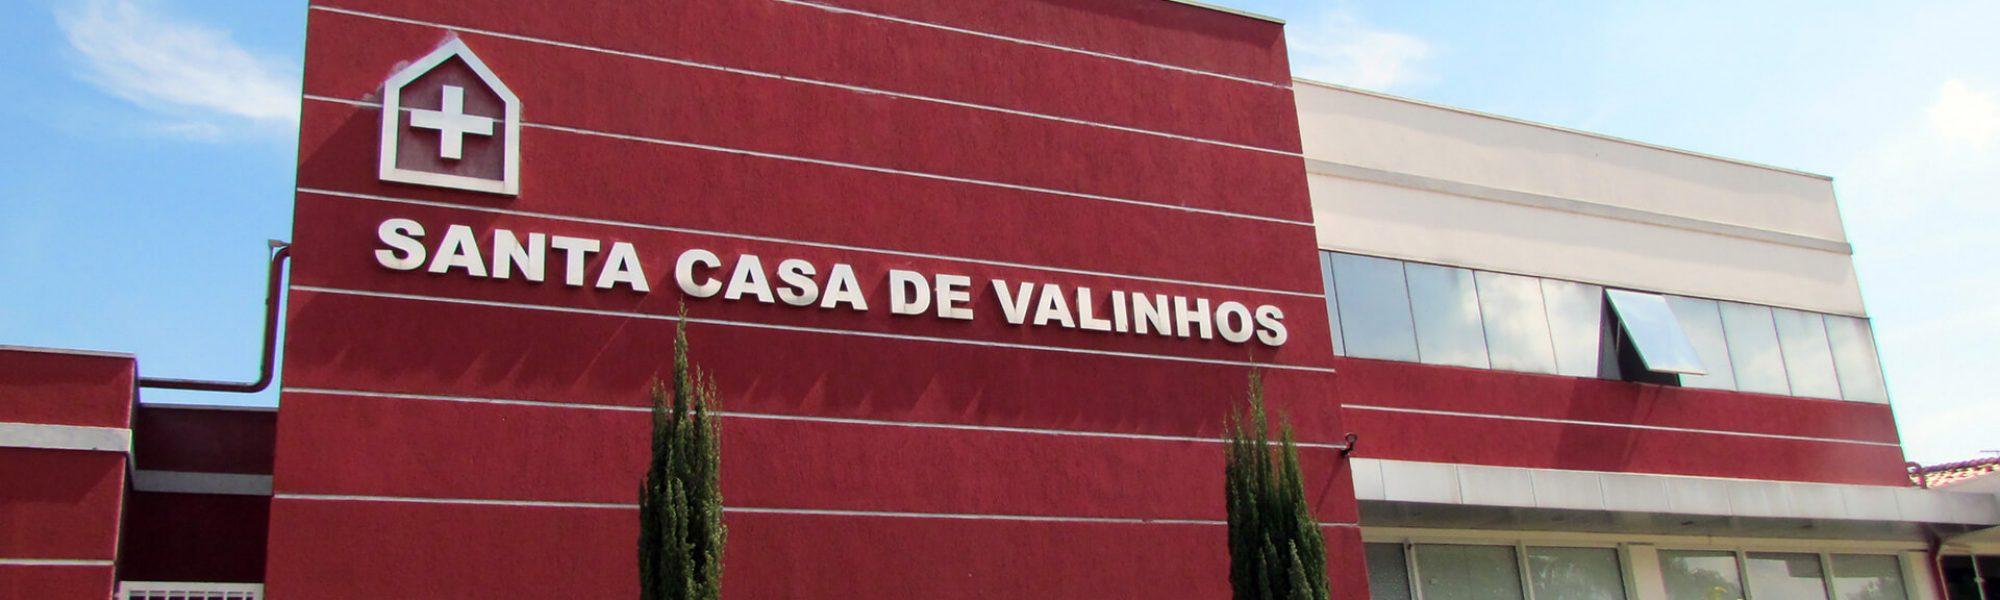 Taggen_santa_casa_valinhos